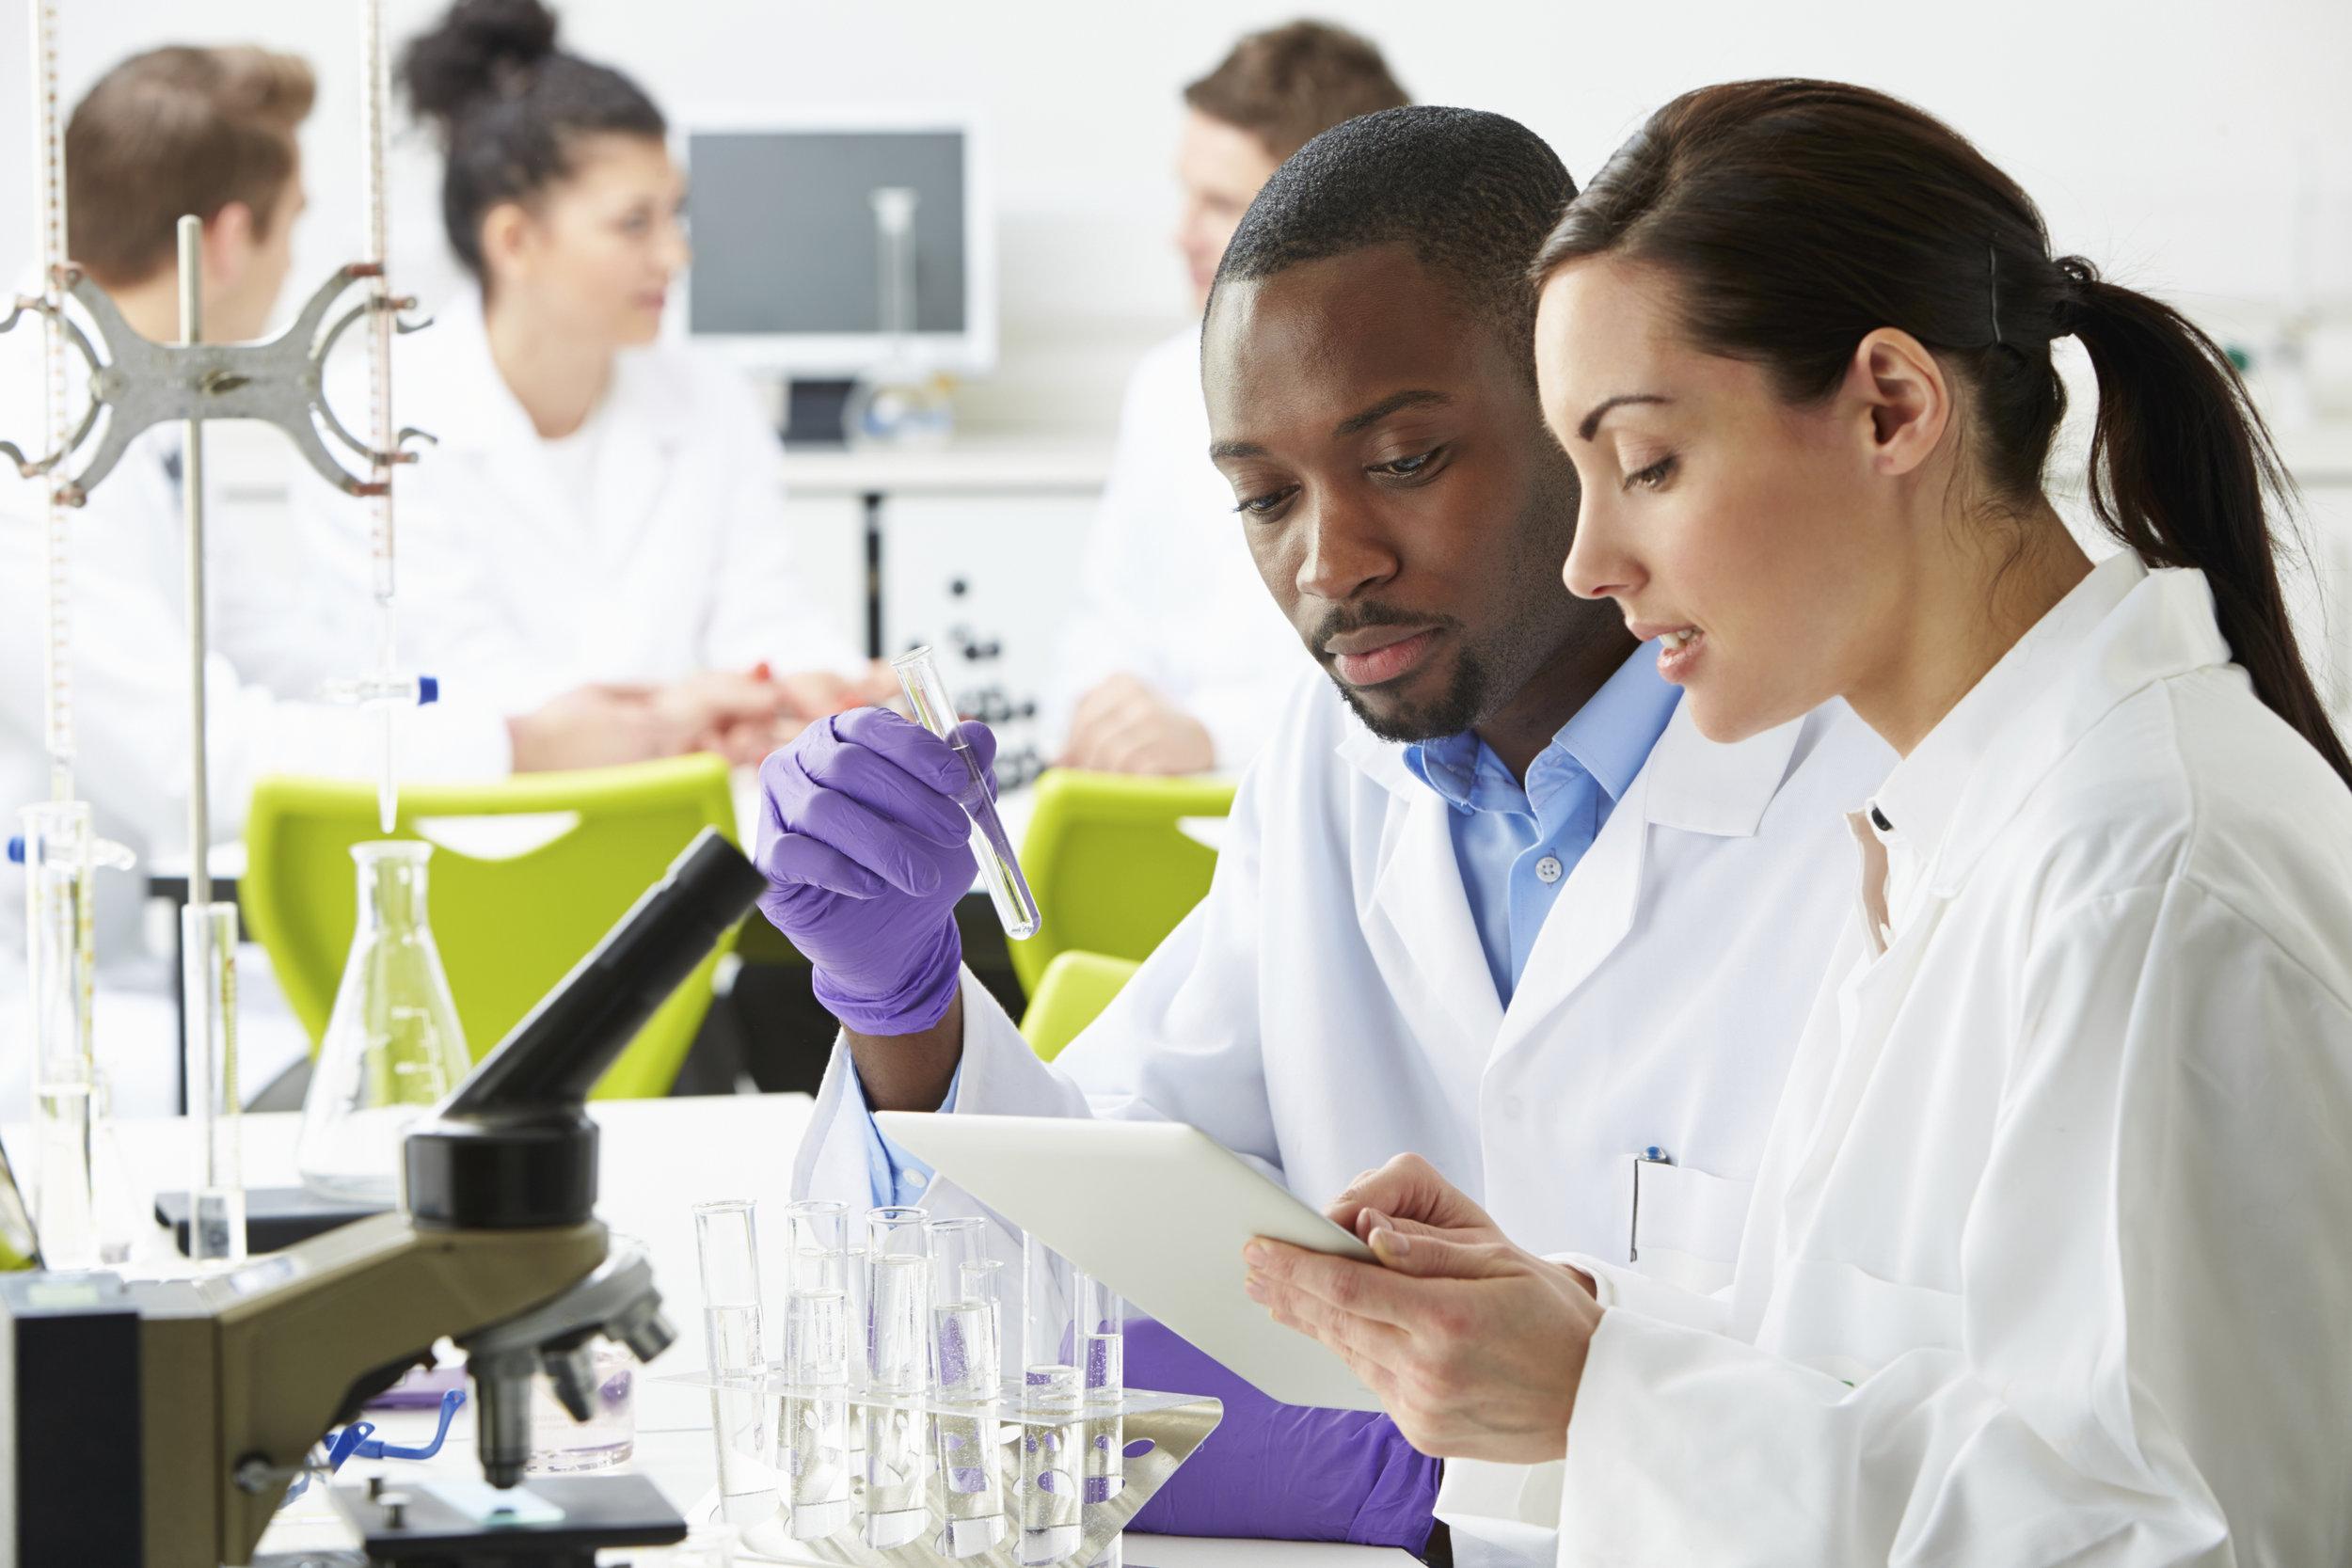 laboratory-analysis-1698816_1920.jpg